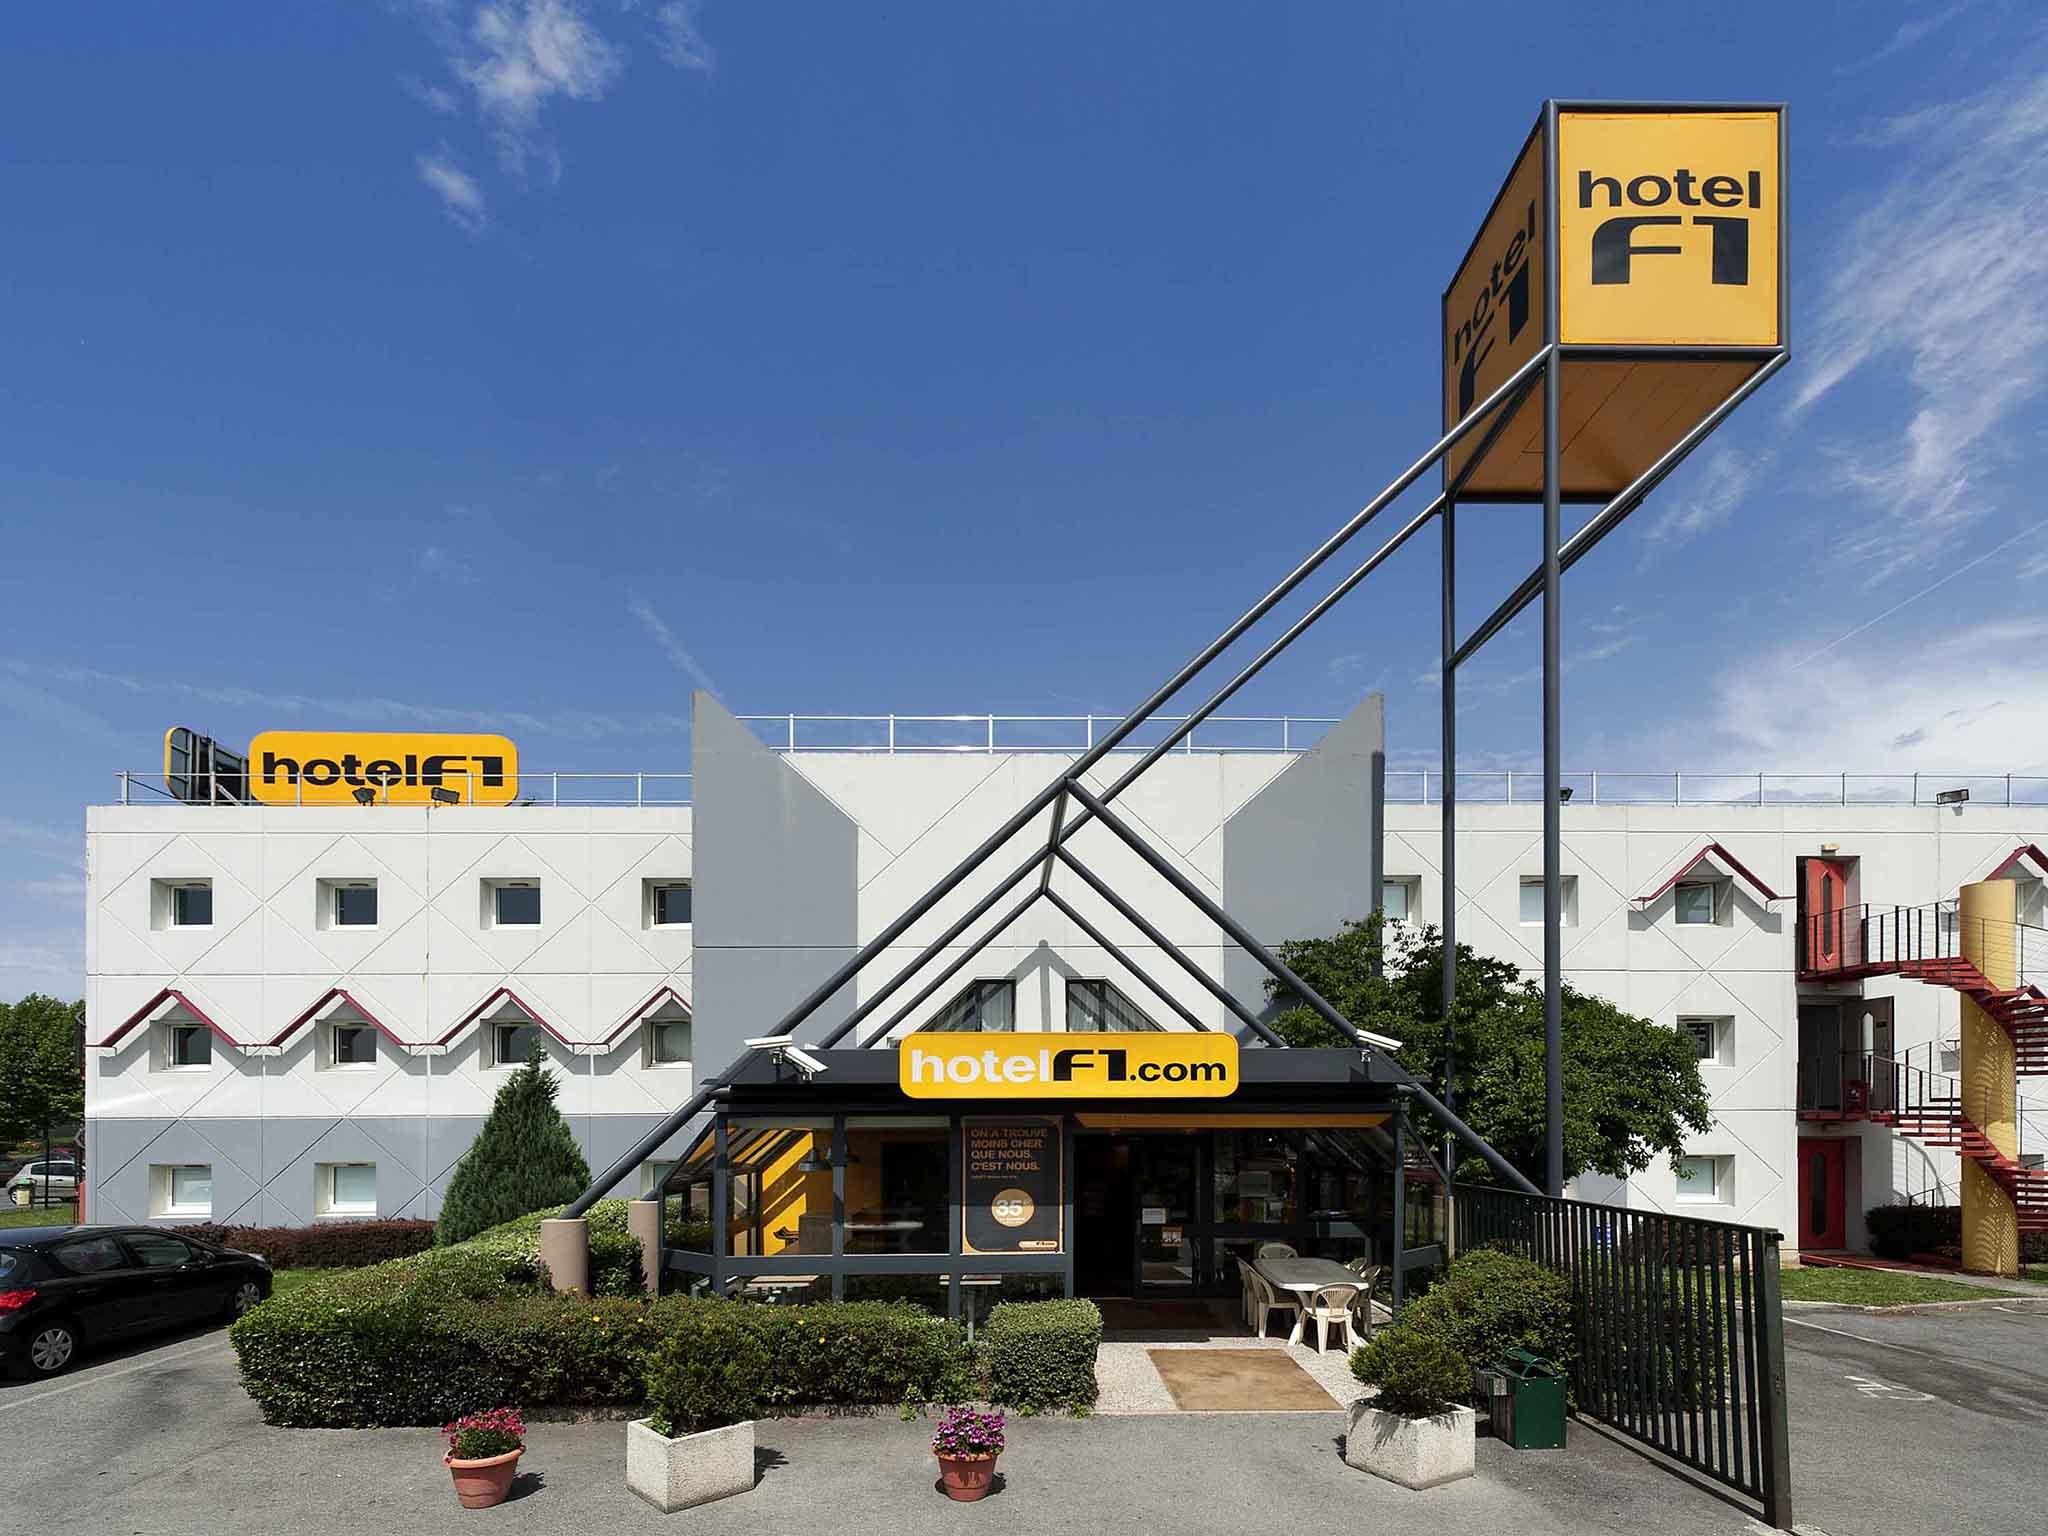 فندق - hotelF1 Sochaux Montbéliard